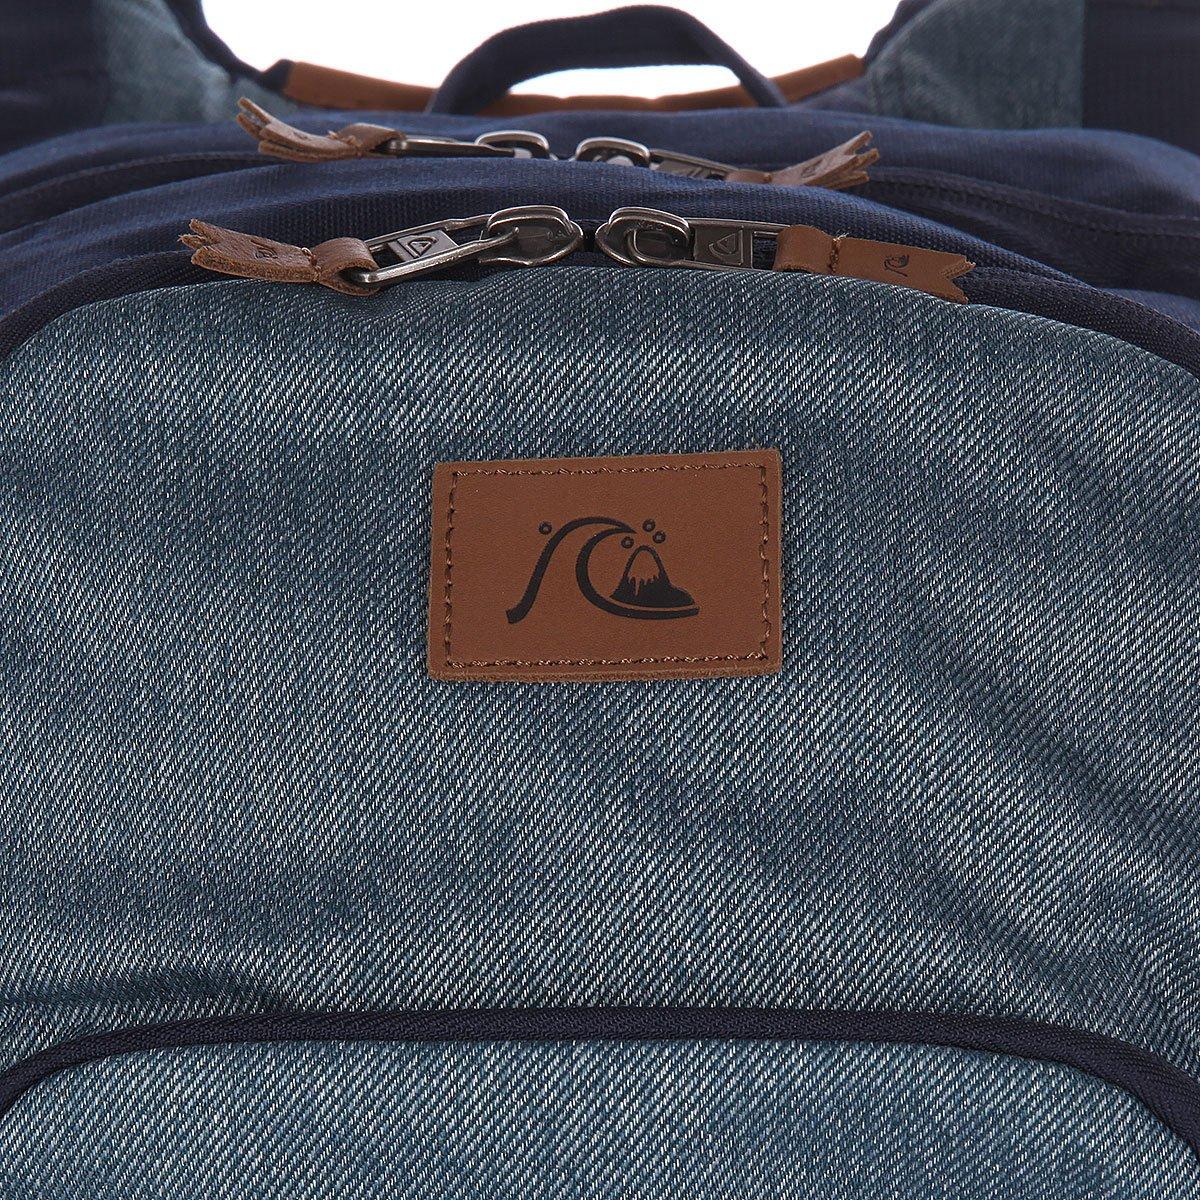 482e6b5620c5 ... Рюкзак туристический Quiksilver 1969 Special Mo Backpack 33l Deep  Jungle Dark Den ...